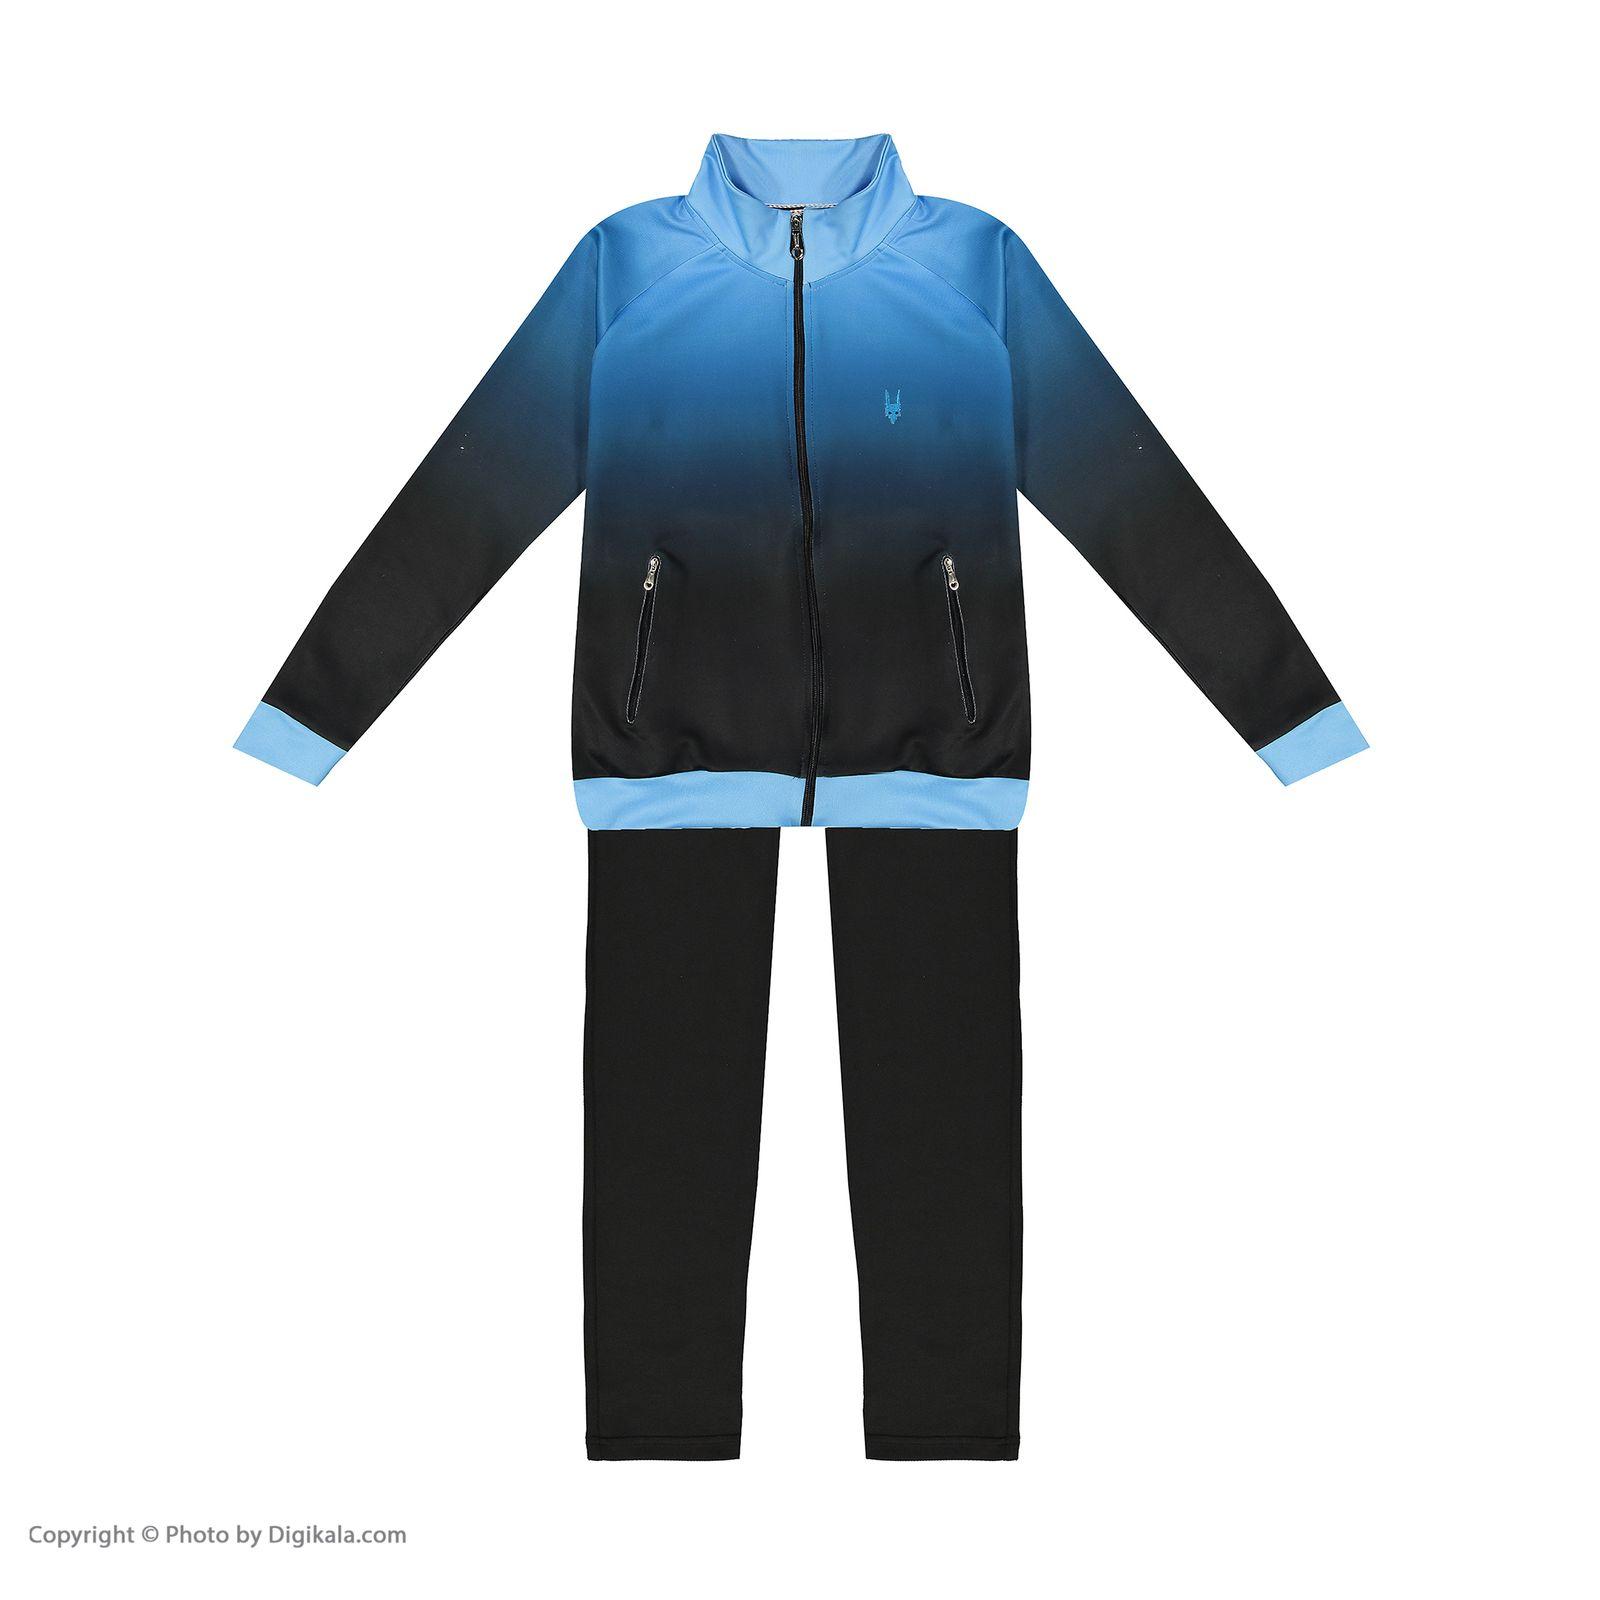 ست سویشرت و شلوار ورزشی زنانه مل اند موژ مدل SUPA01-004 -  - 3